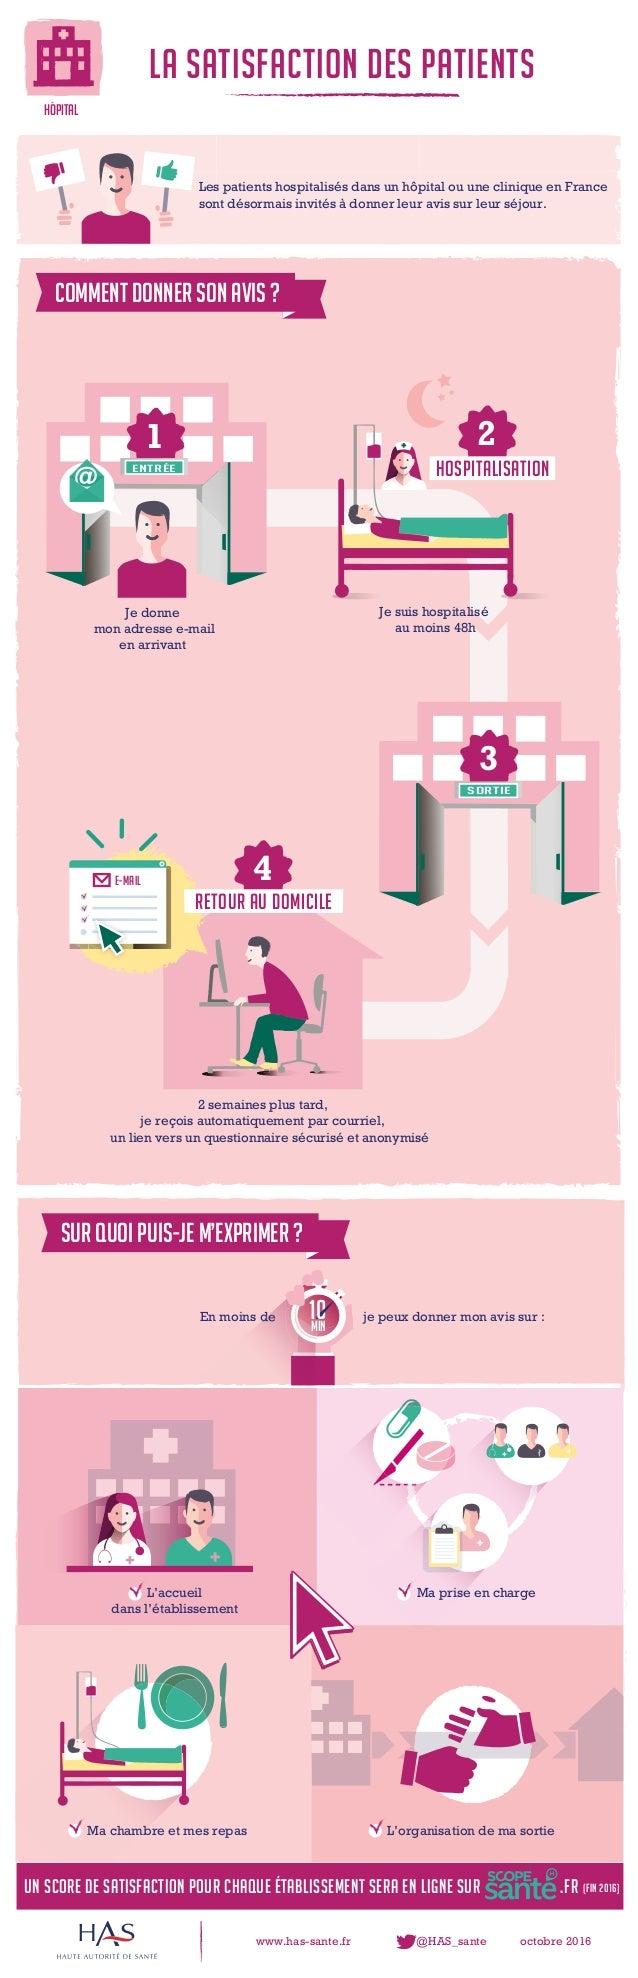 www.has-sante.fr @HAS_sante octobre 2016 Un score de satisfaction pour chaque établissement sera en ligne sur .fr (FIN 201...